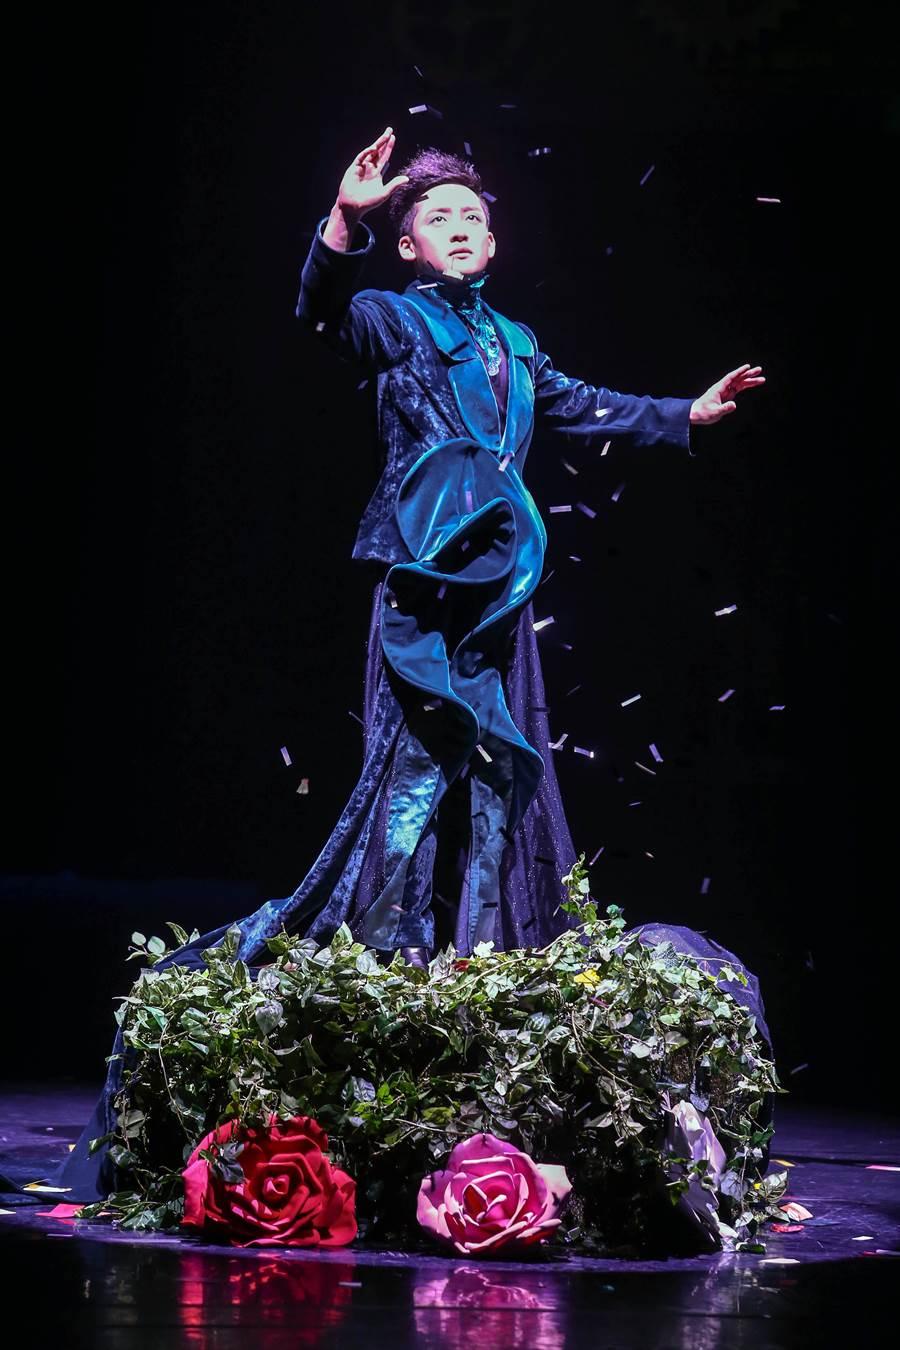 享譽國際的韓國幻真製作室來台演出《SNAP變!》,共集結7位曾獲國際大獎的韓國魔術師,以逼真的幻象、變化莫測的技法,帶給觀眾驚奇感受。(鄧博仁攝)